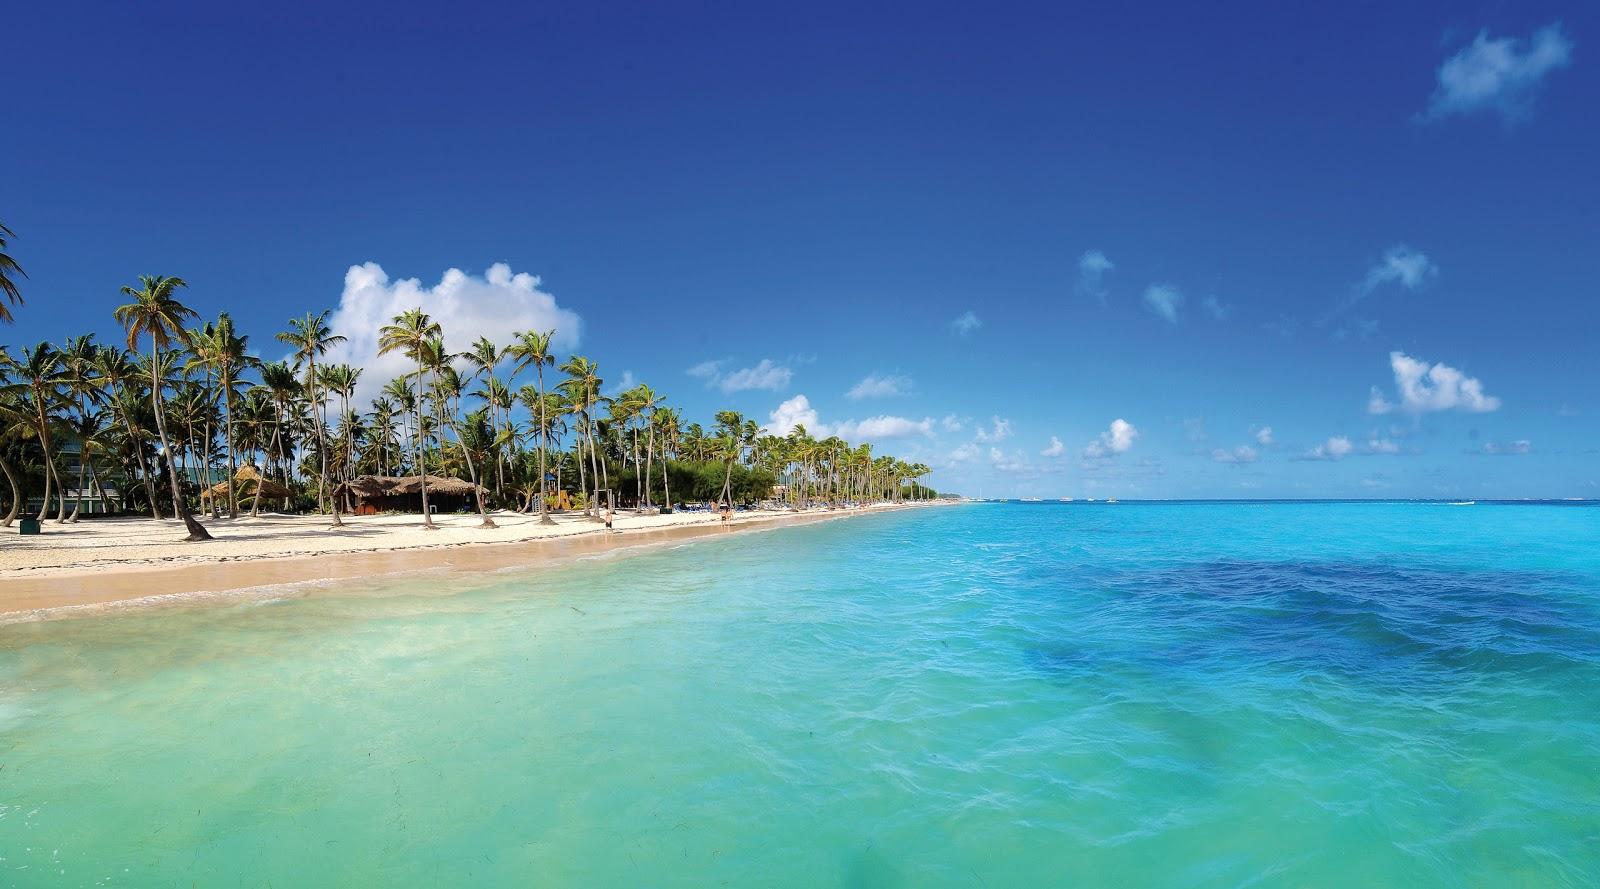 The Blue Boca Beach Club